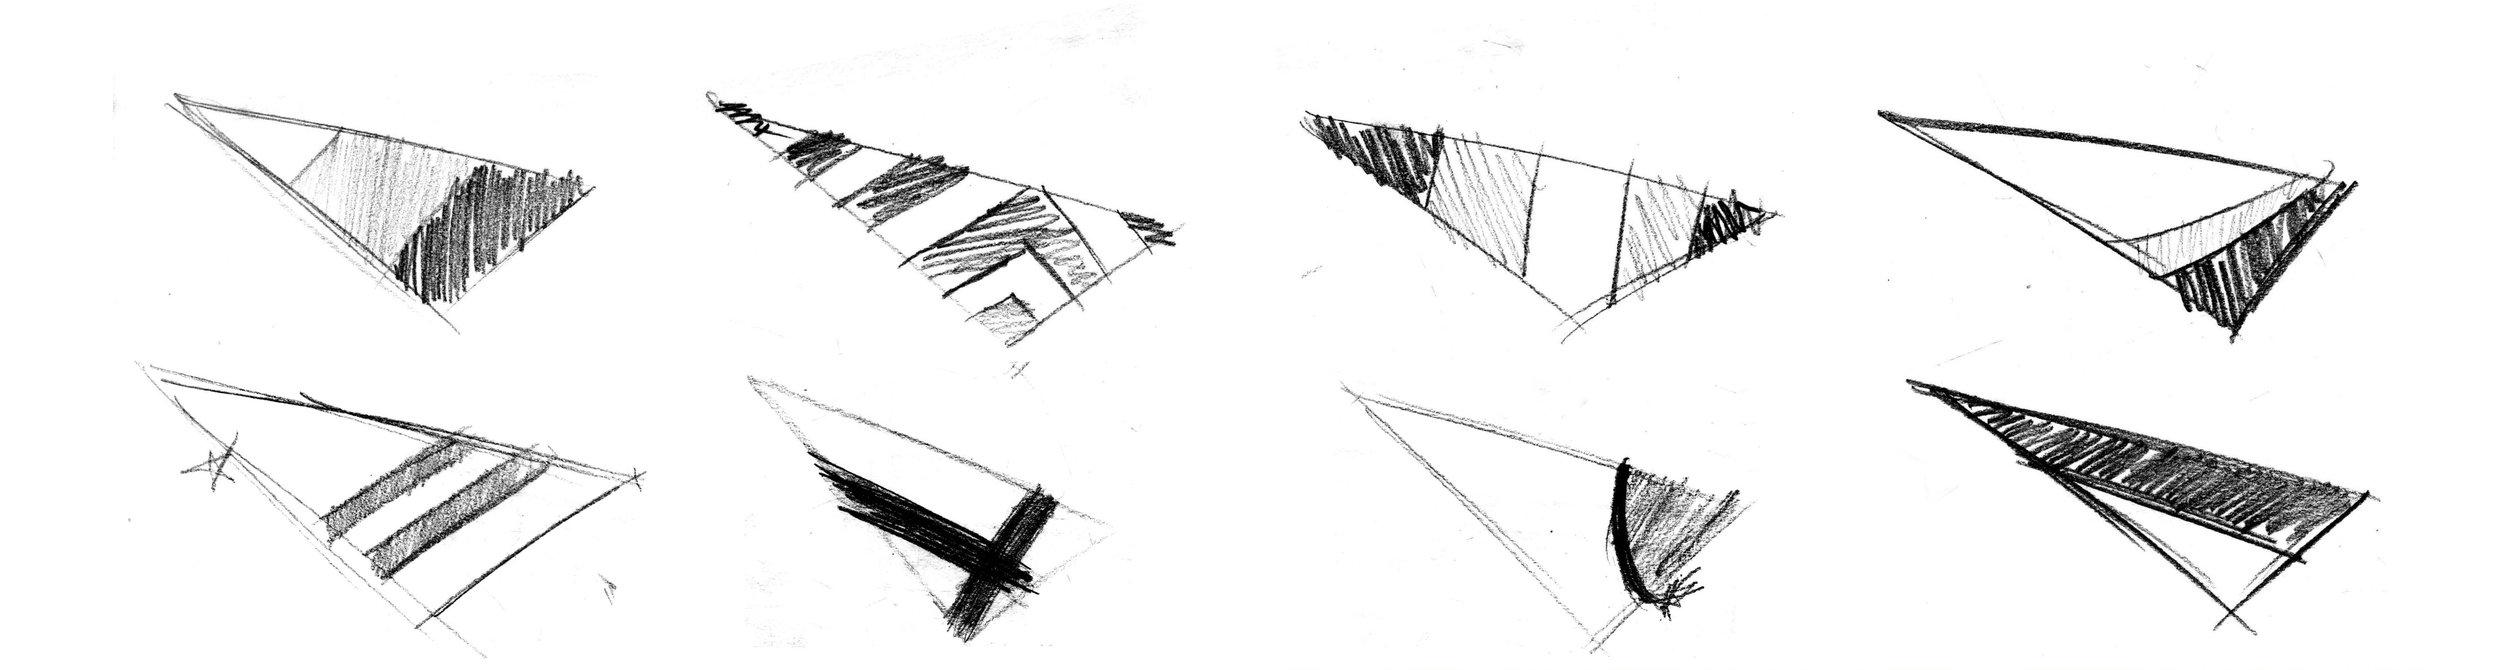 Screen Handout 2.jpg